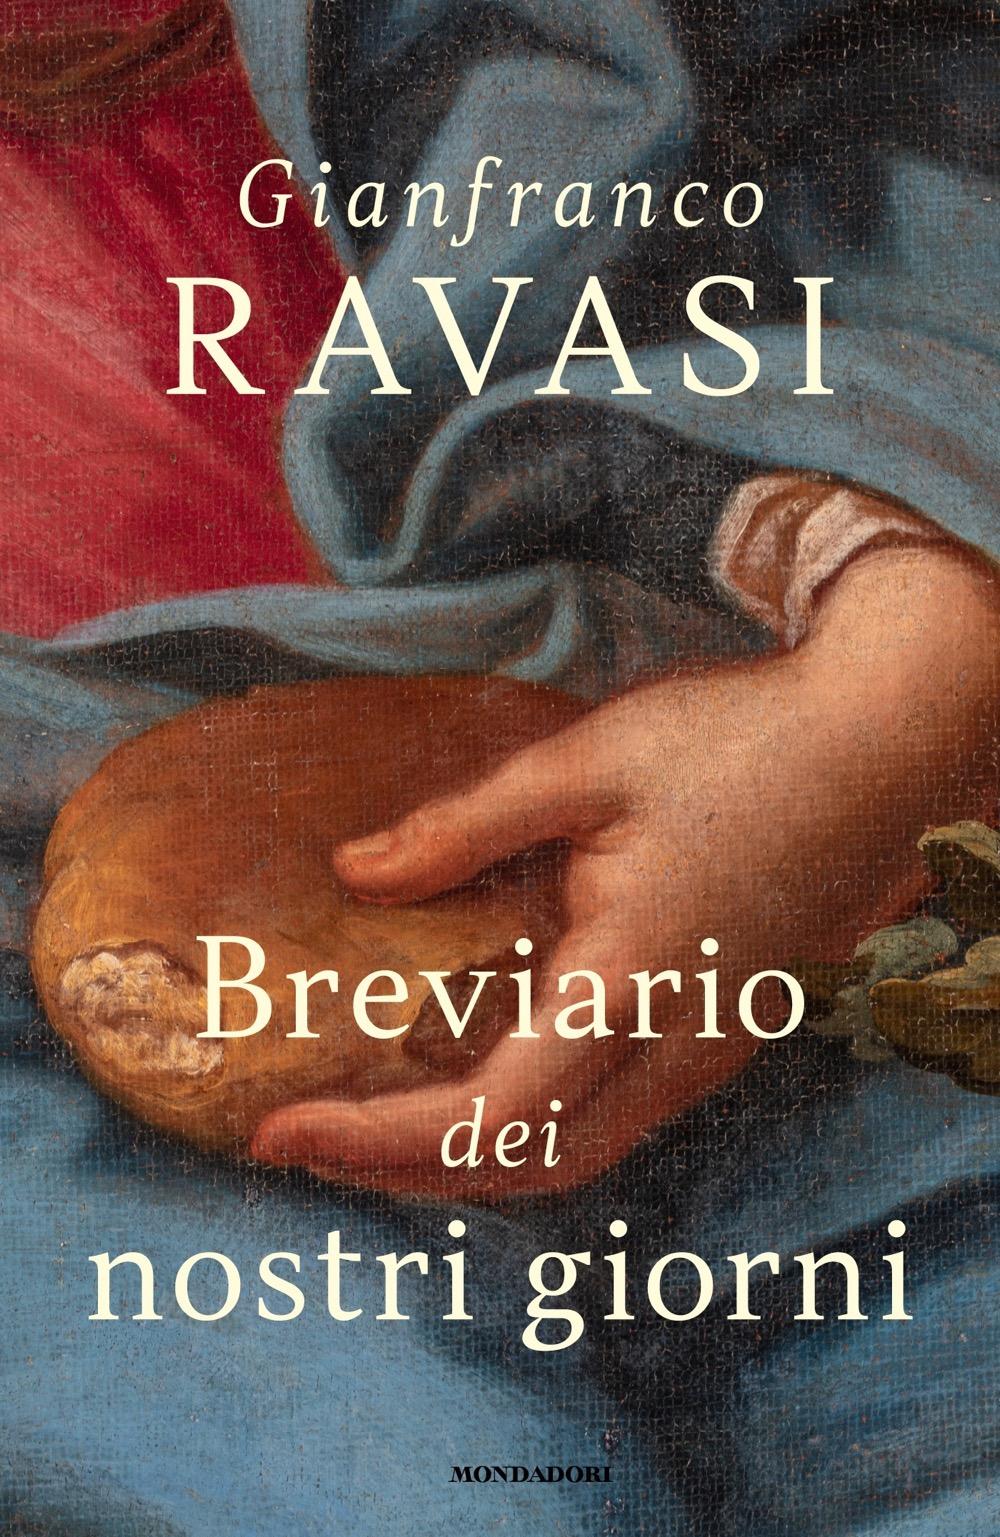 """GIANFRANCO RAVASI – """"Breviario dei nostri giorni;"""""""